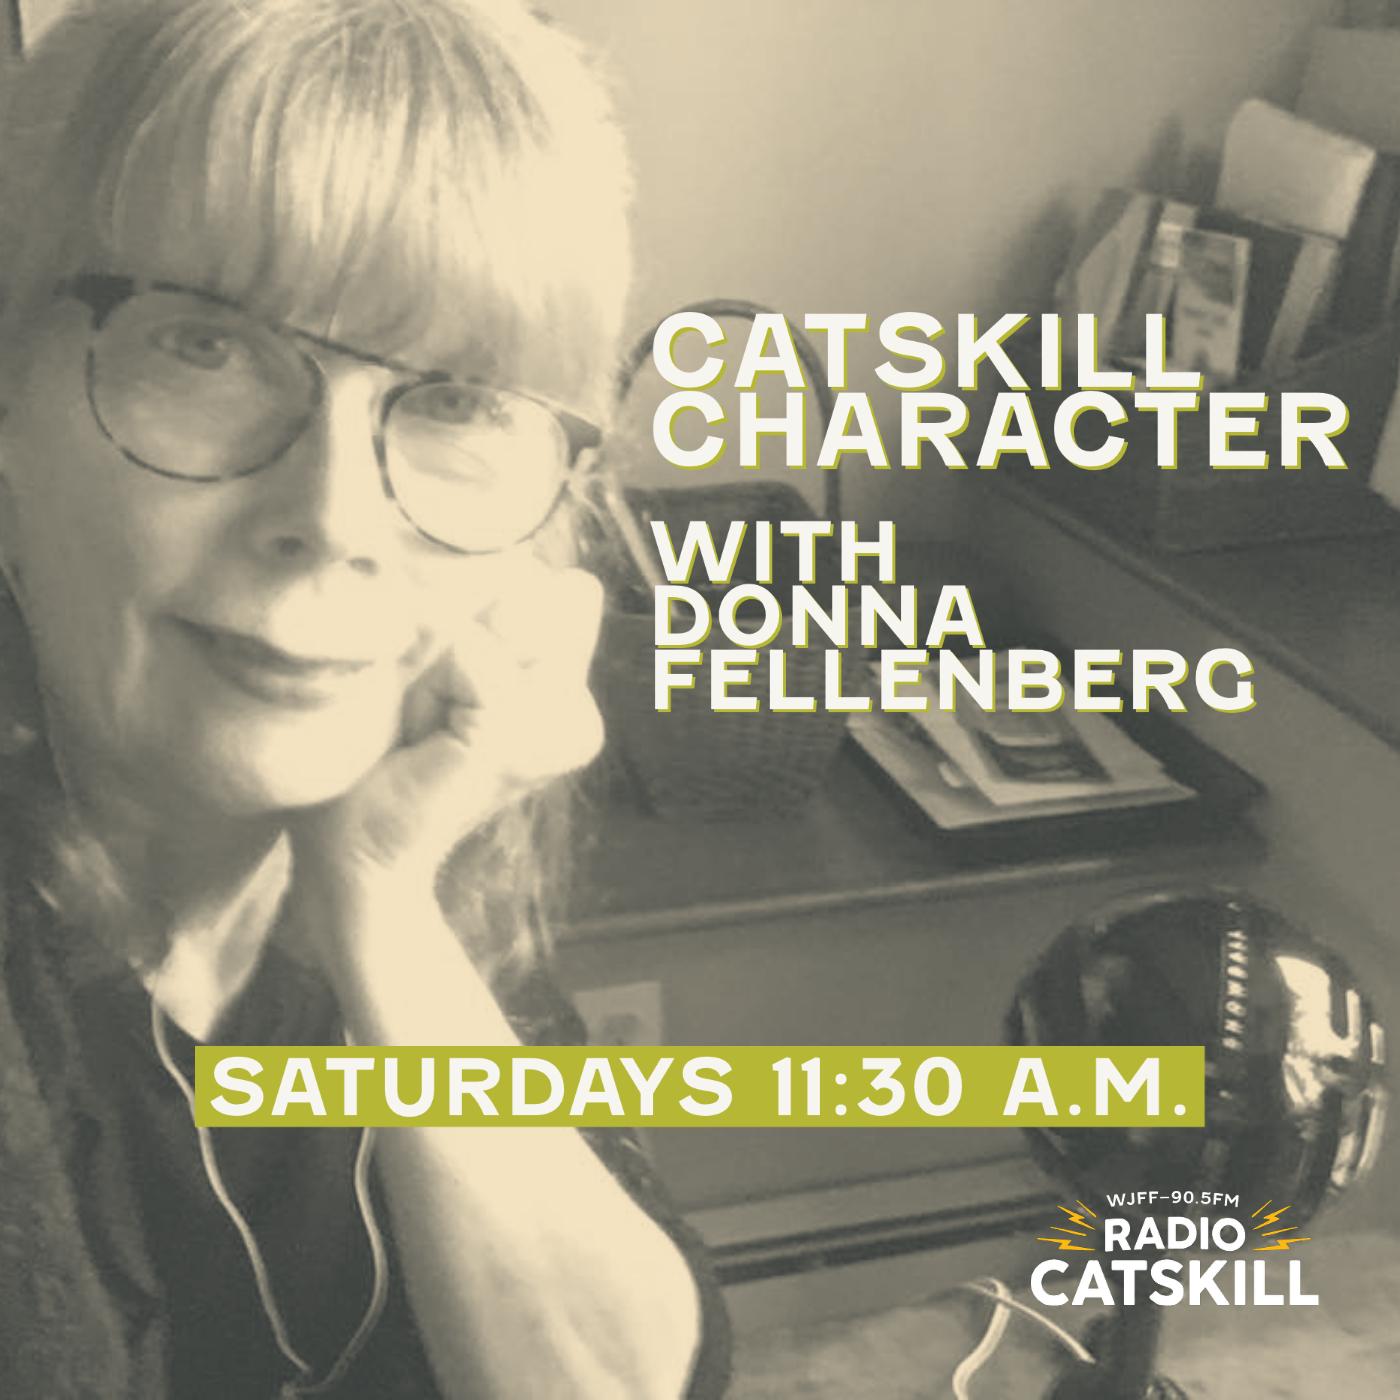 Catskill Character Saturdays 11:30 A.M.